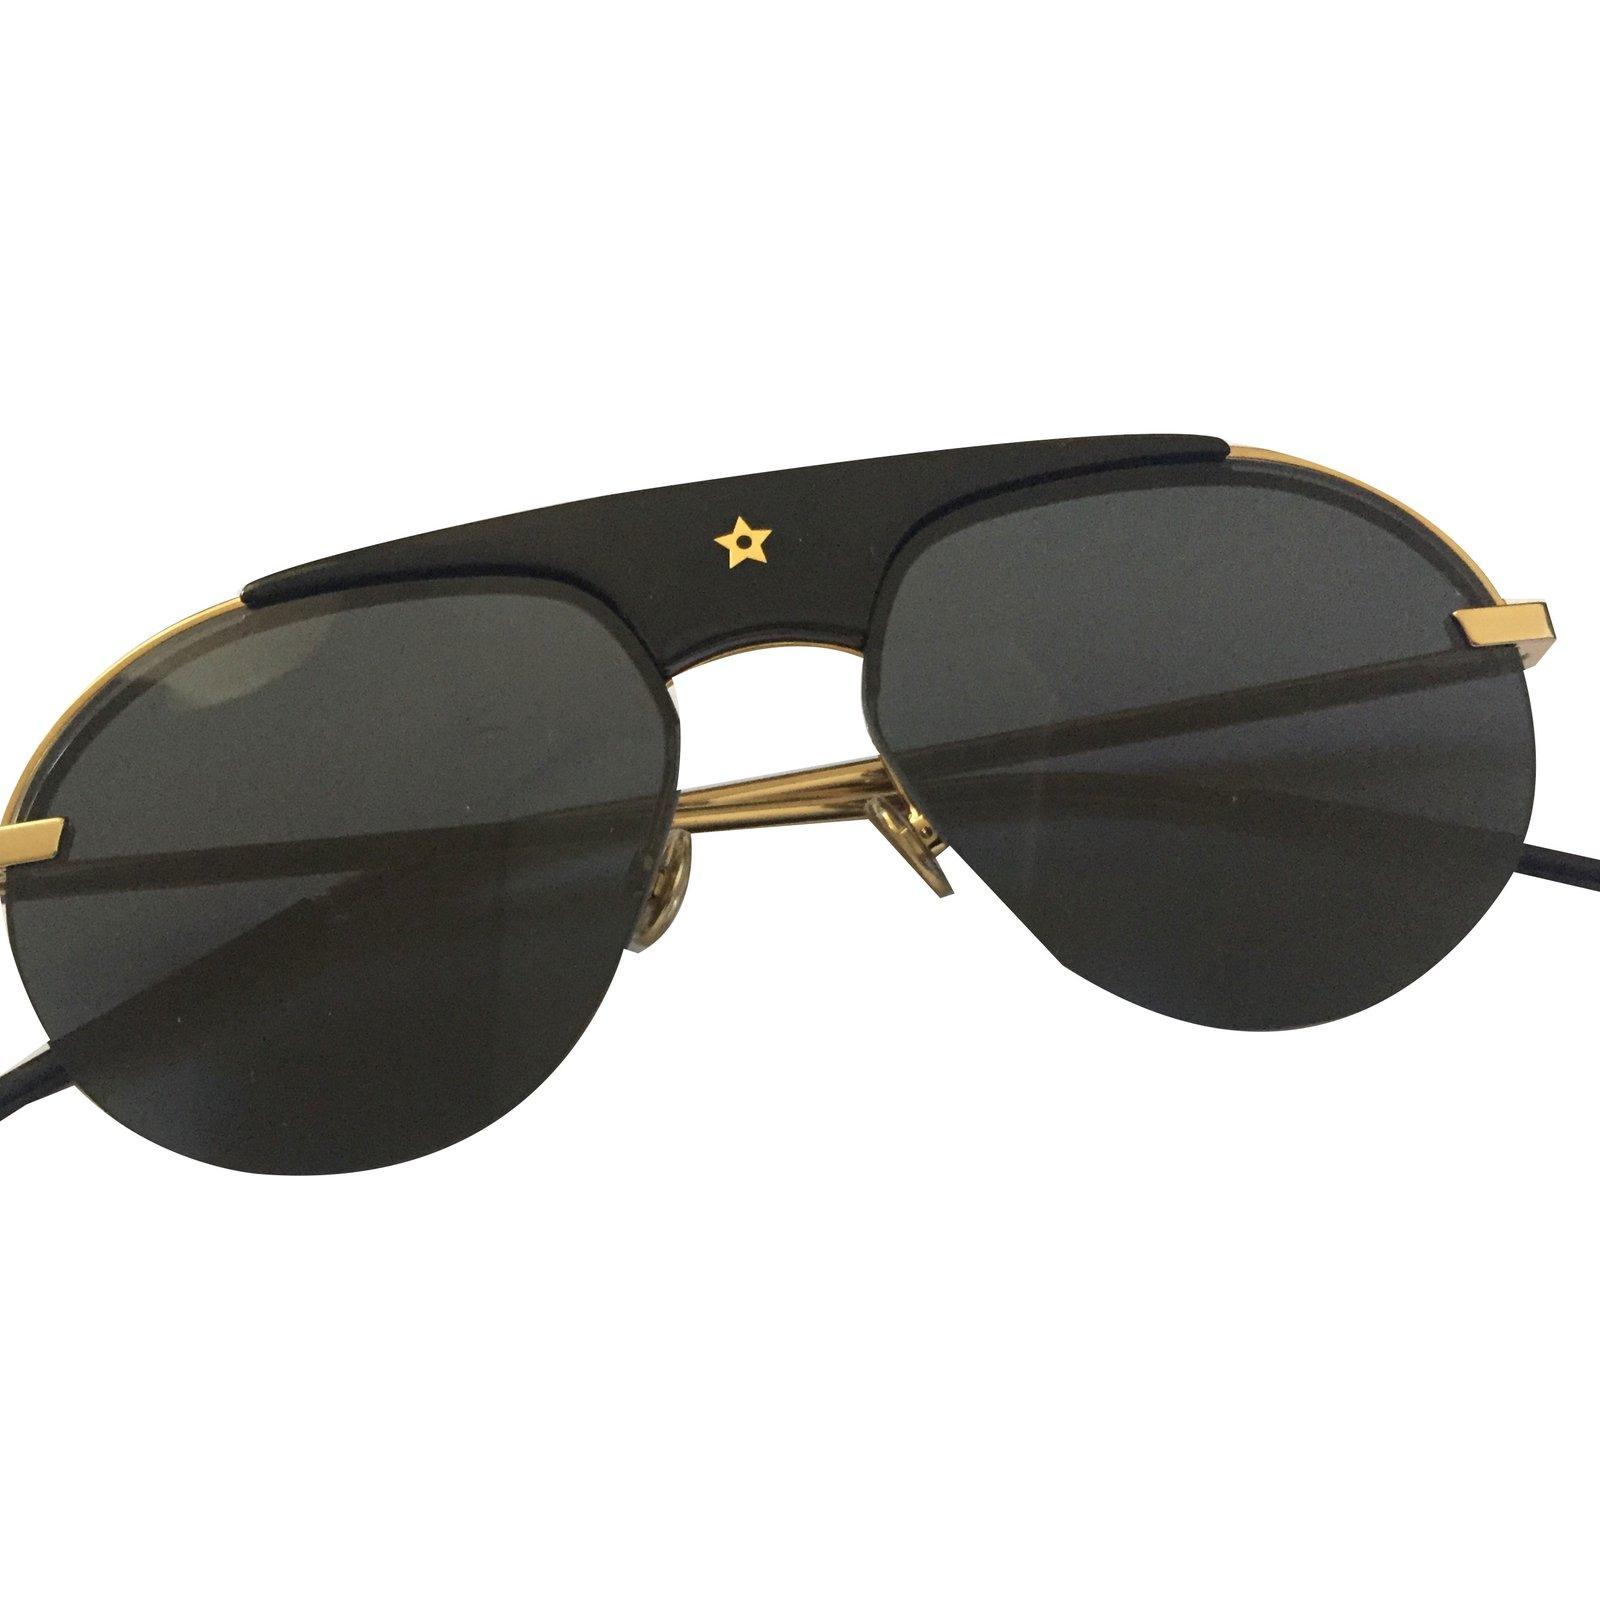 Lunettes Christian Dior Lunettes de soleil Métal Noir ref.84463 ... e23b5710d3f9